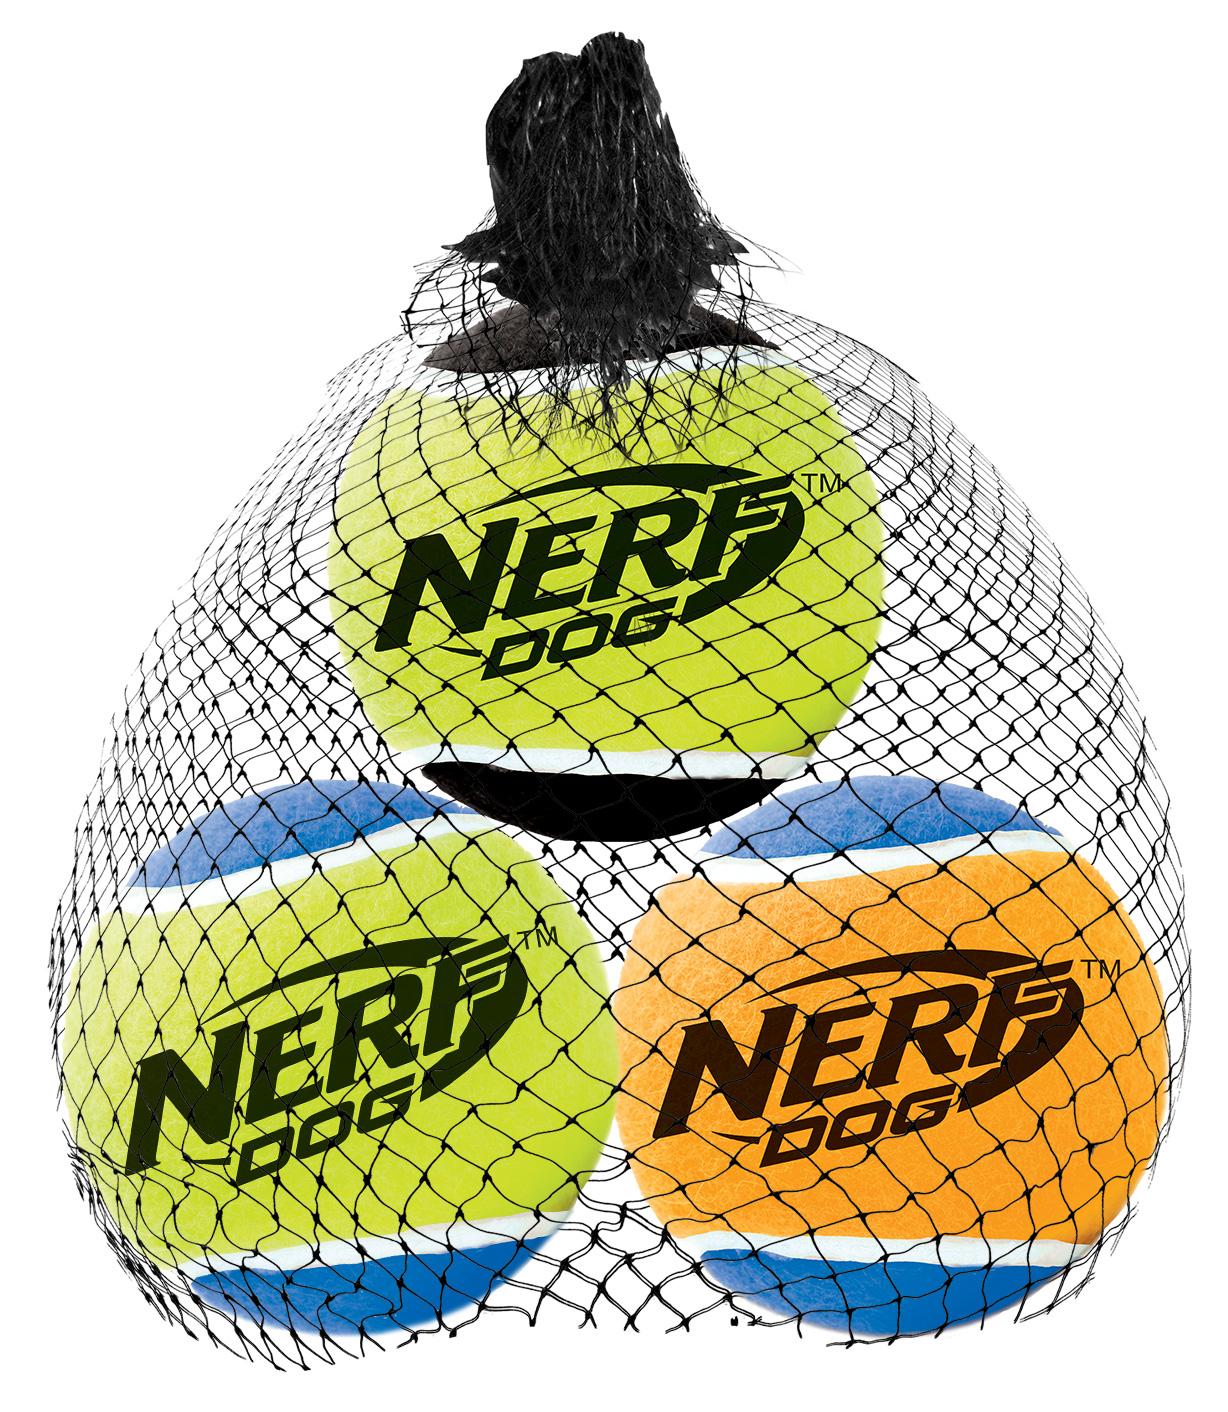 Игрушка для собак Nerf Мяч теннисный, с пищалкой, диаметр 5 см, 3 шт75065Мячи теннисные Nerf выполнены из прочной высококачественной резины. Оснащены пищалкой.Яркие привлекательные цвета.Оптимальный вариант для игры с вашим питомцем.Размер S: 5 см.